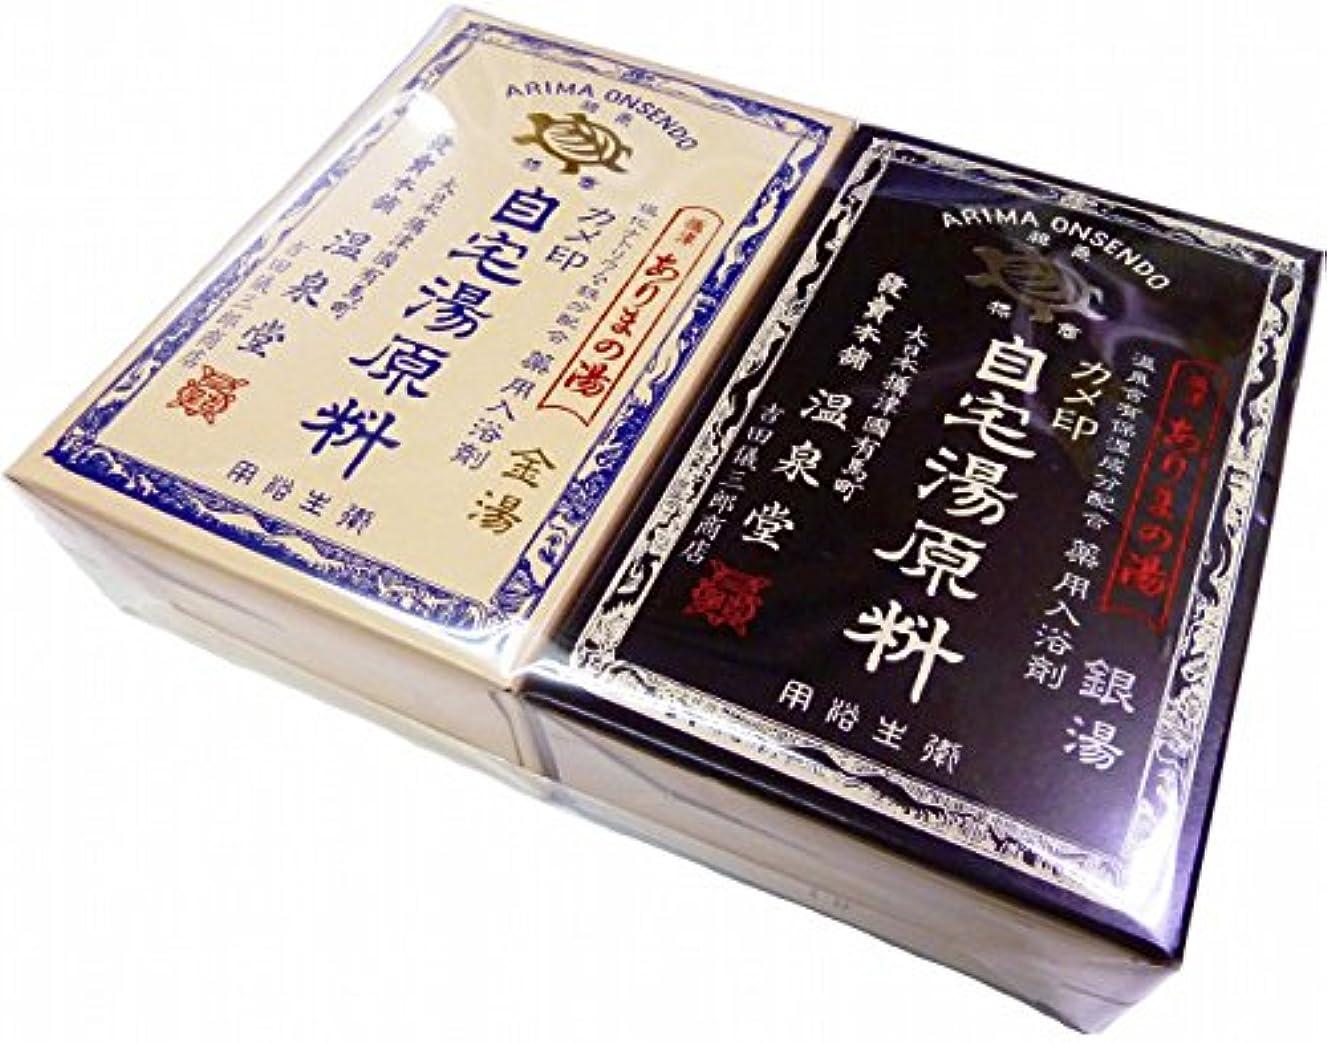 豆担当者褐色カメ印 摂津有馬の湯 自宅湯原料 《金湯?銀湯》5包入り箱ペアセット